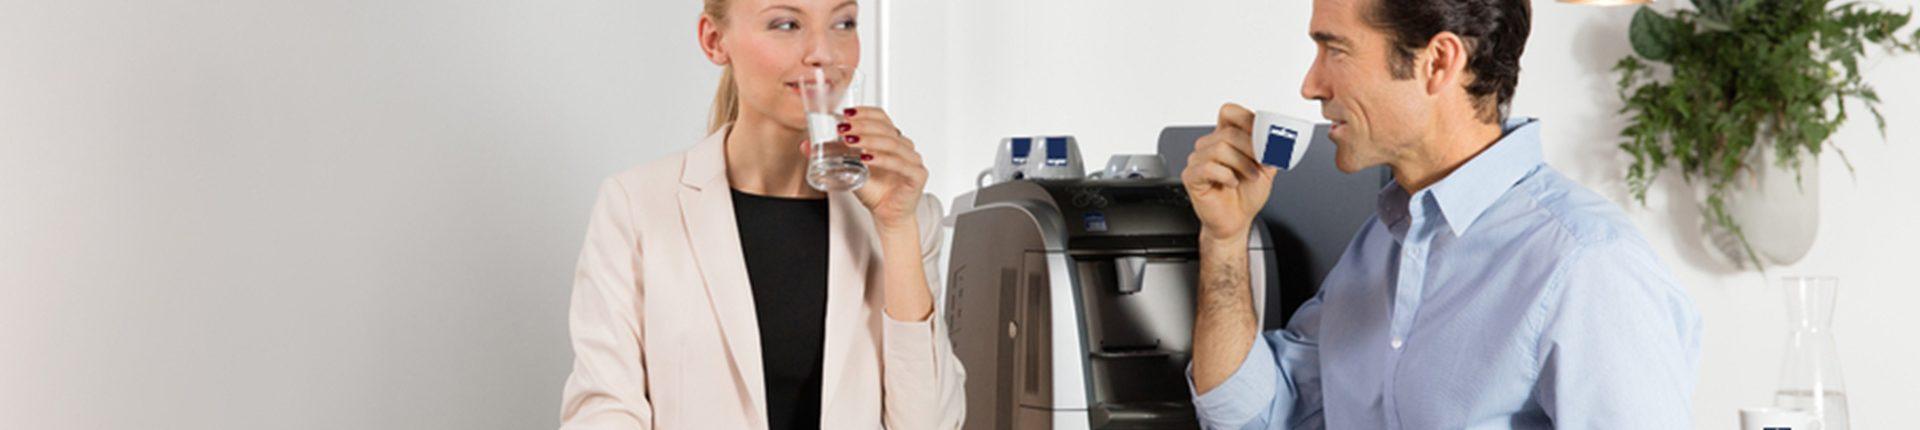 מכונות קפה לעסקים